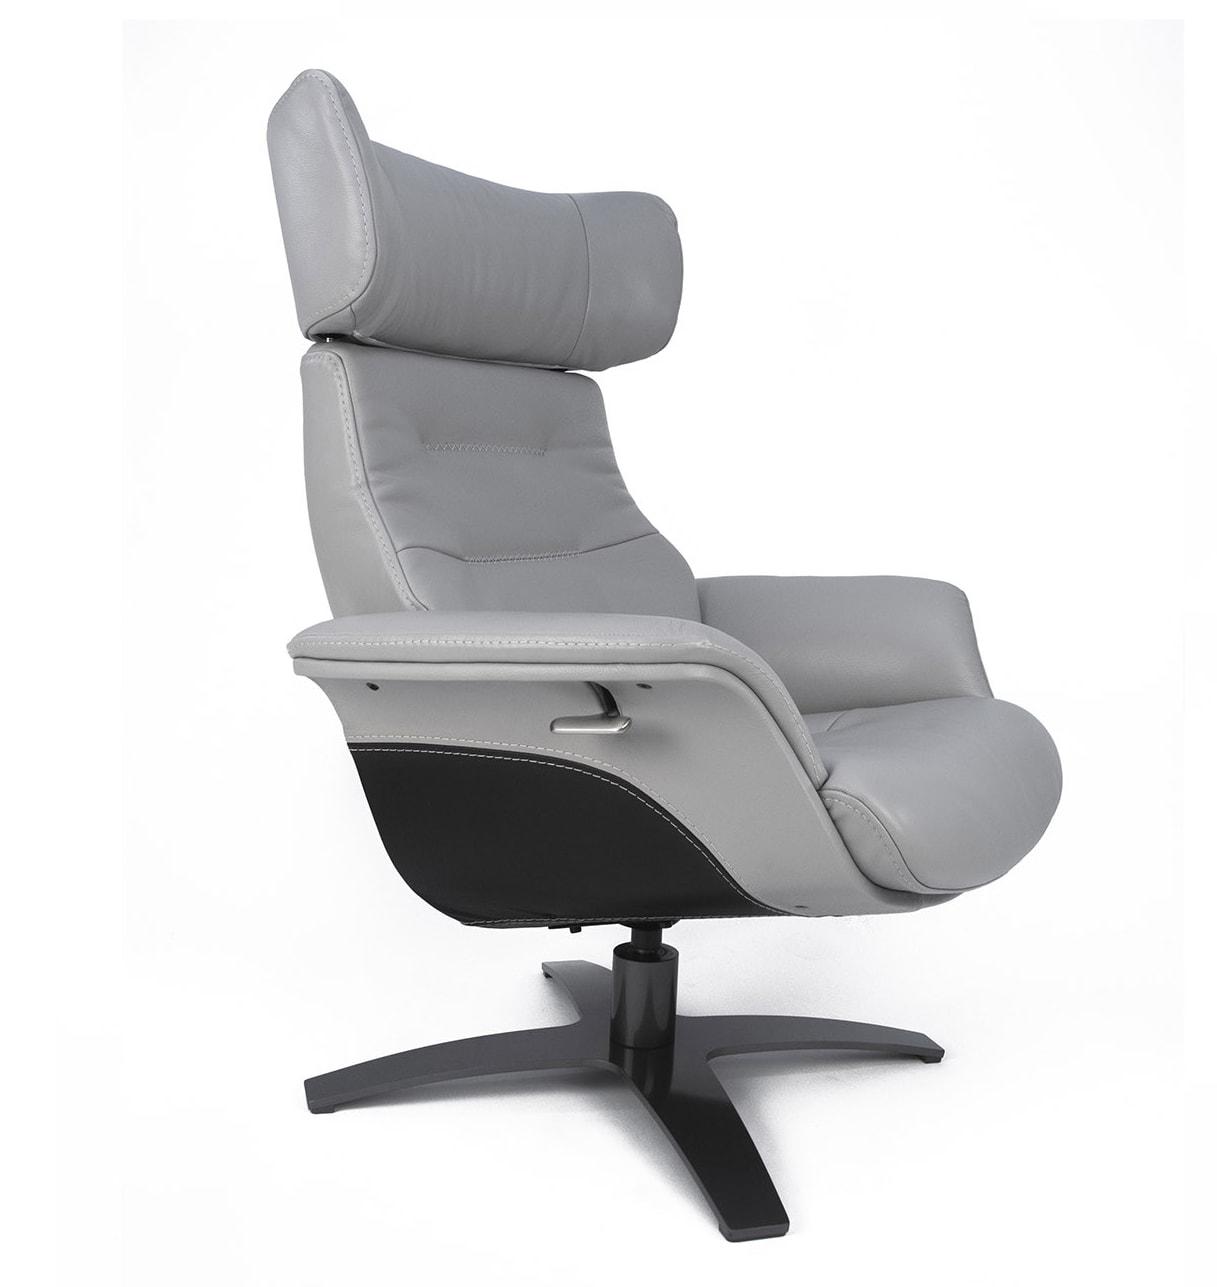 Fauteuil relax bicolore cuir gris et noir